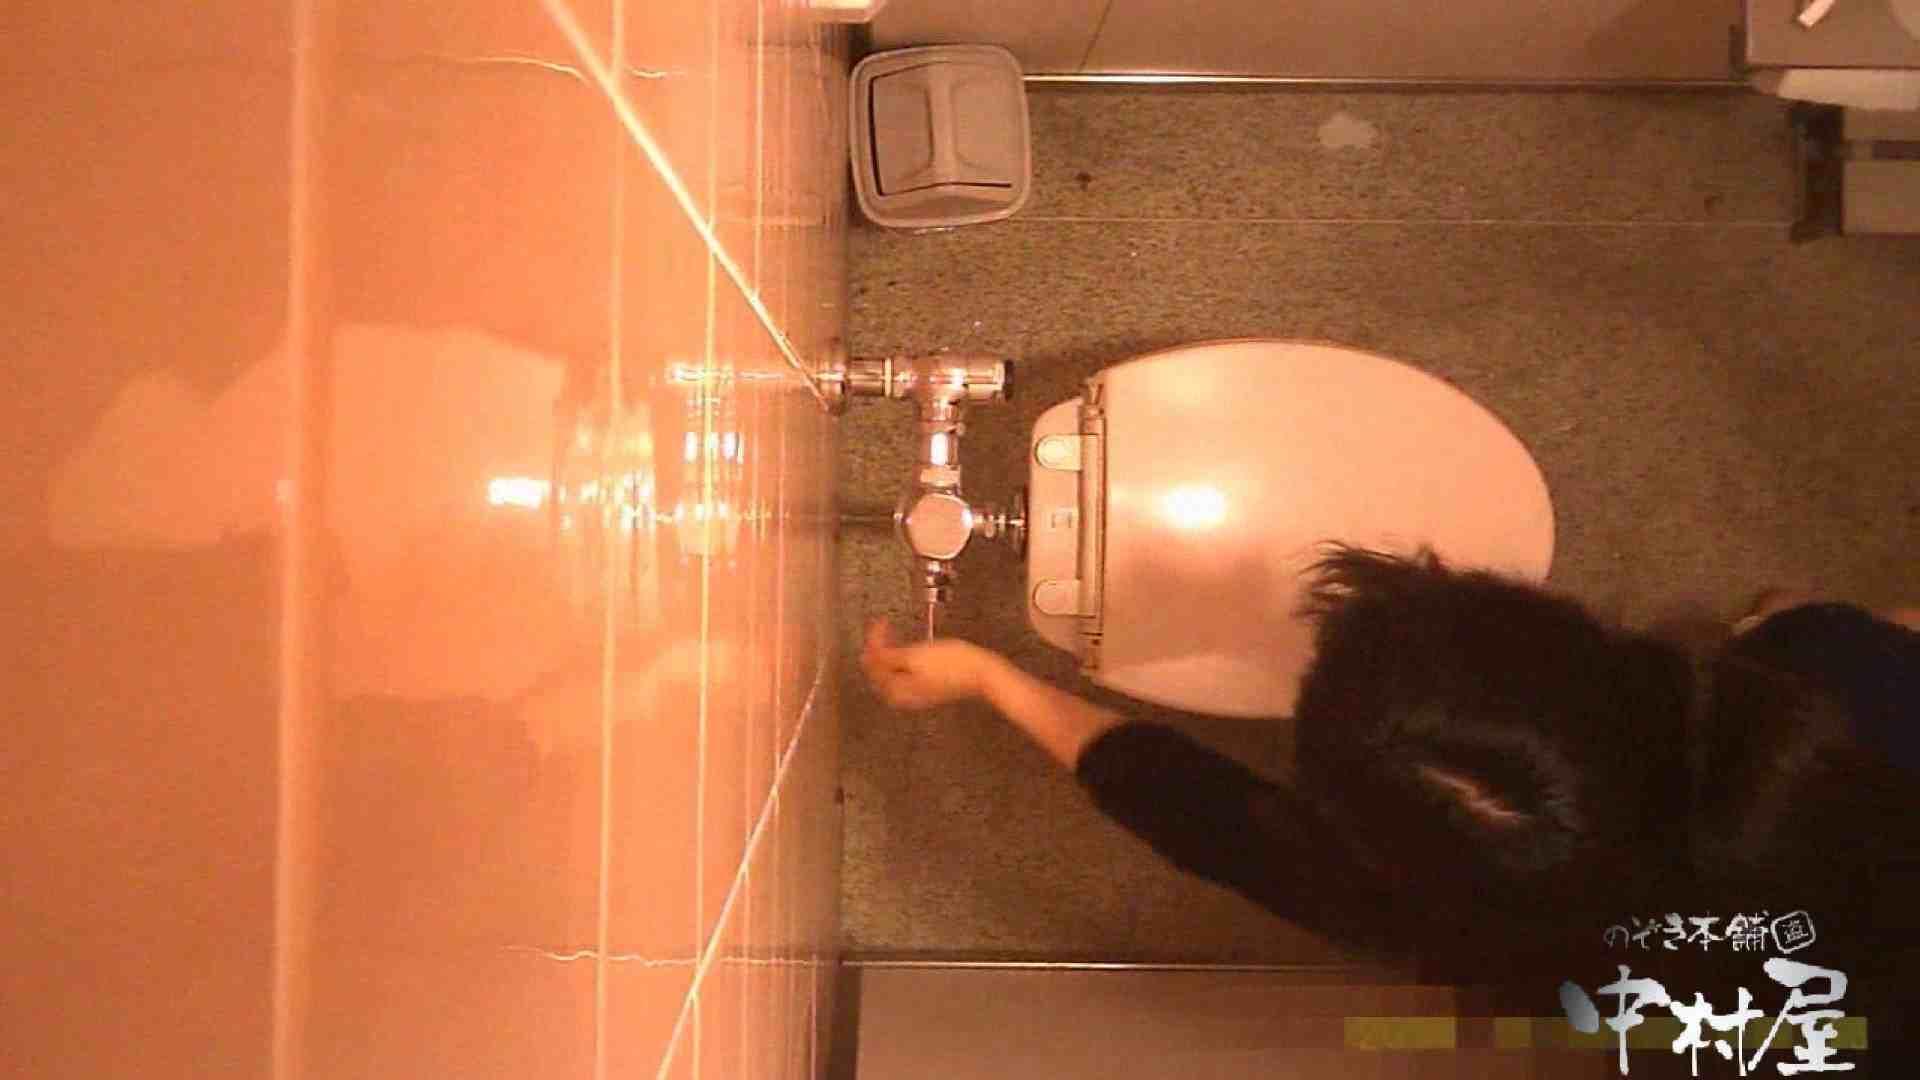 初盗撮!女盗撮師カレンさんの 潜入!女子トイレ盗撮!Vol.2 美女丸裸 のぞき動画画像 77pic 57